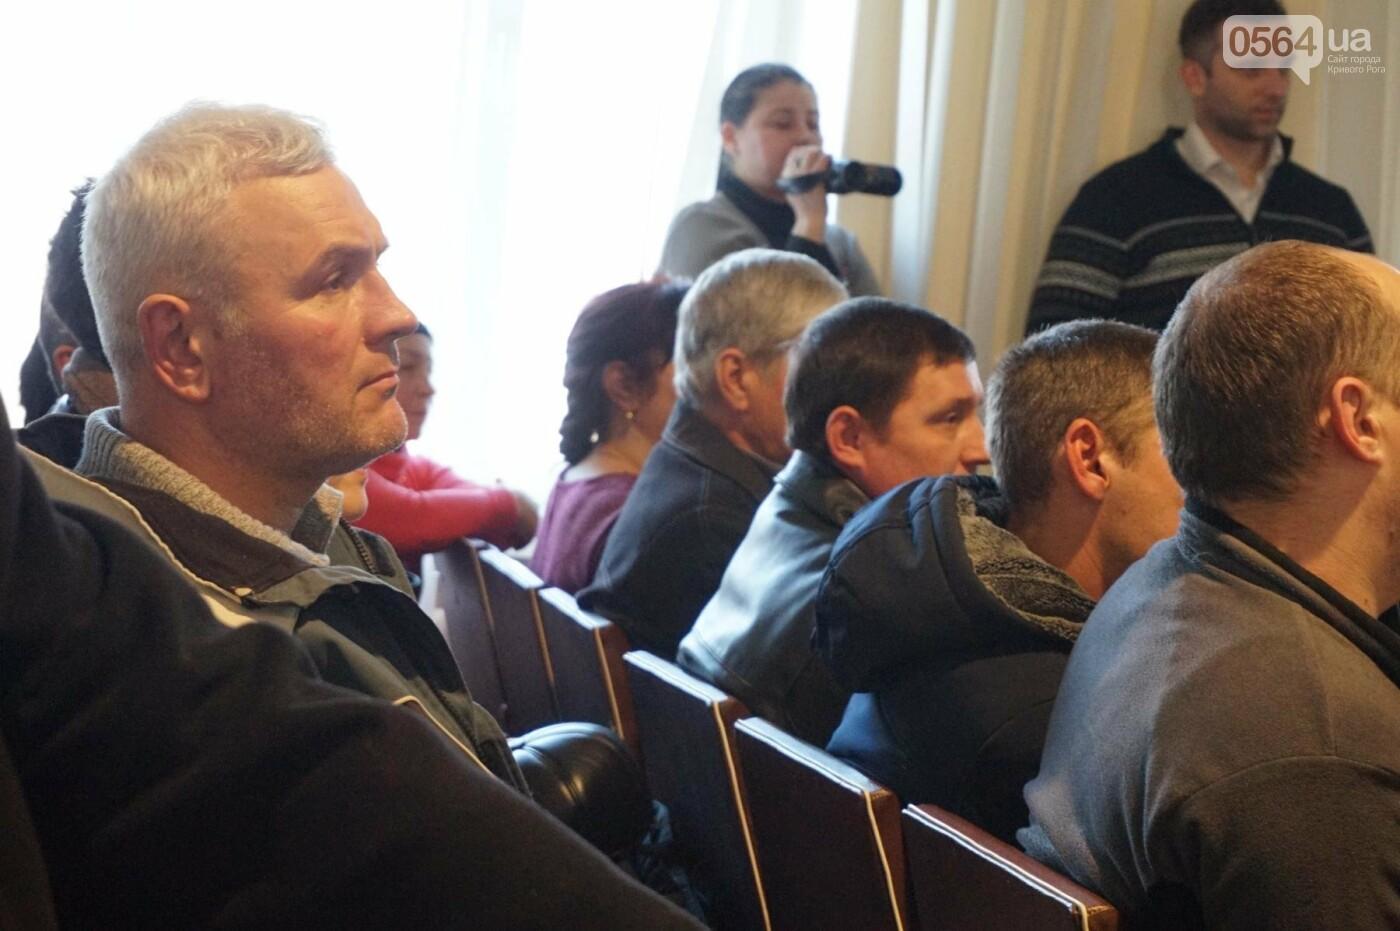 """Работники """"КривбассПВС"""" готовы бороться против рейдерского захвата стратегического госпредприятия (ФОТО, ВИДЕО), фото-23"""